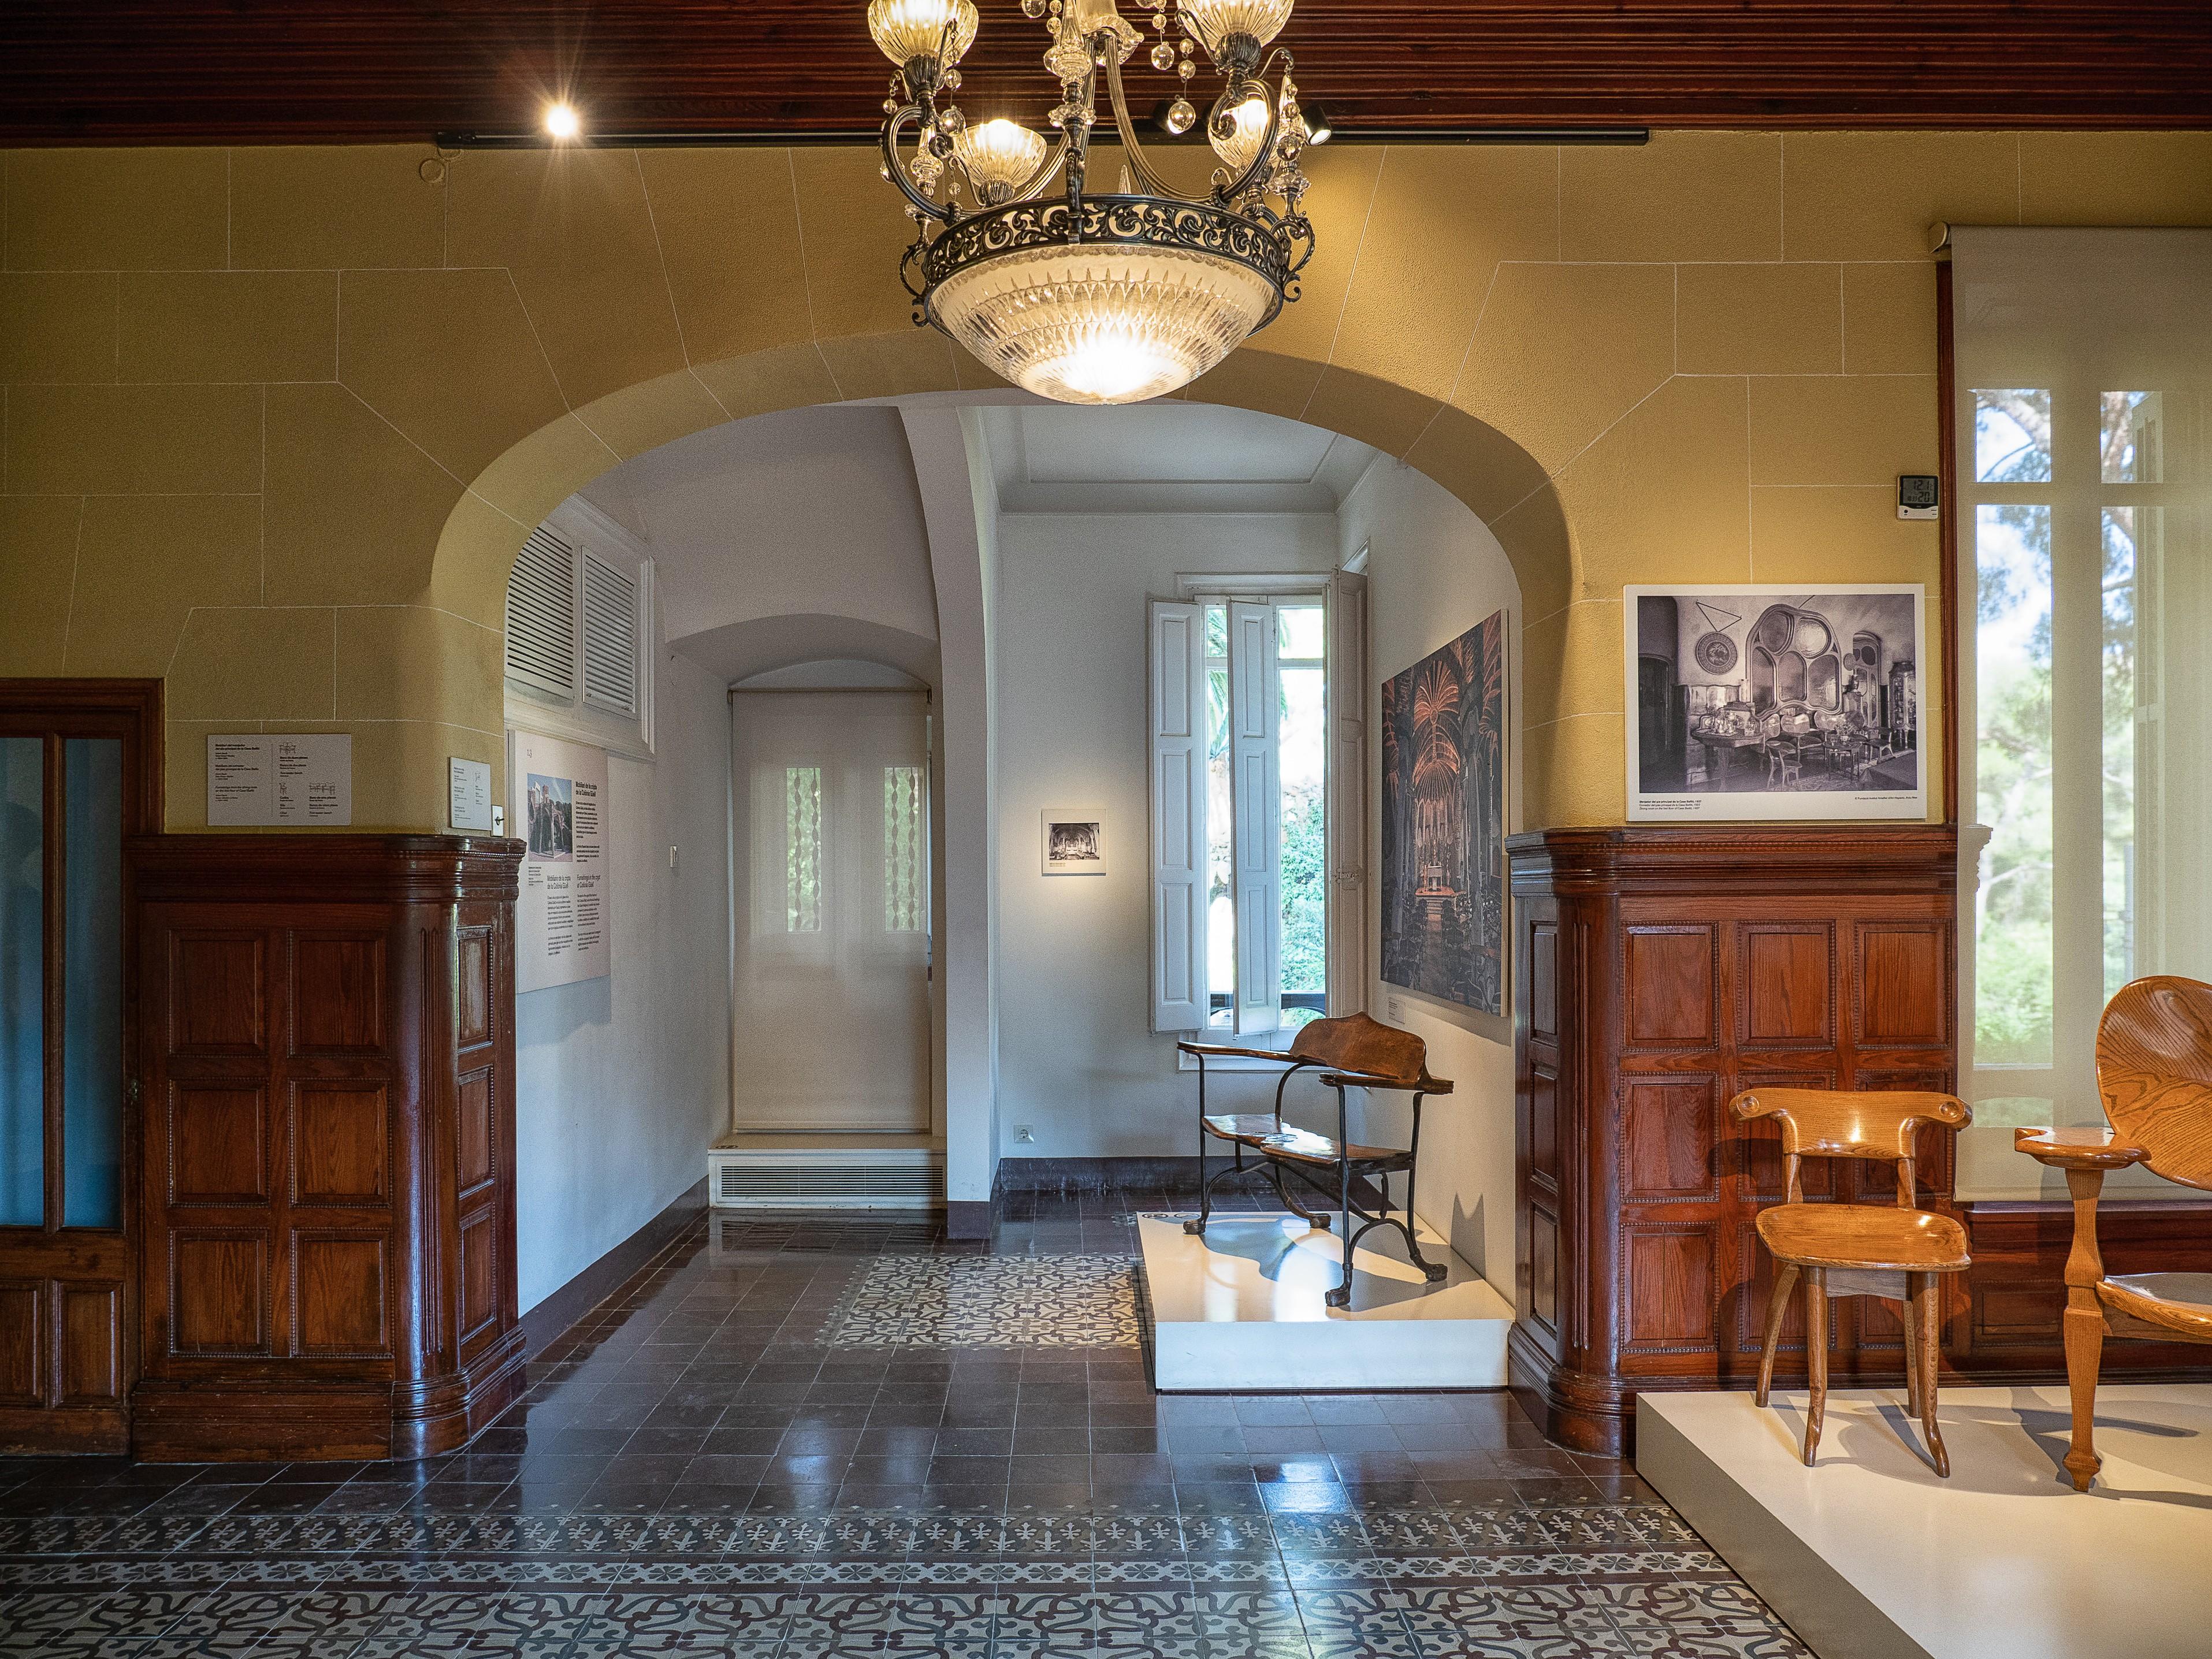 Casa Museu Gaudi Антонио Гауди